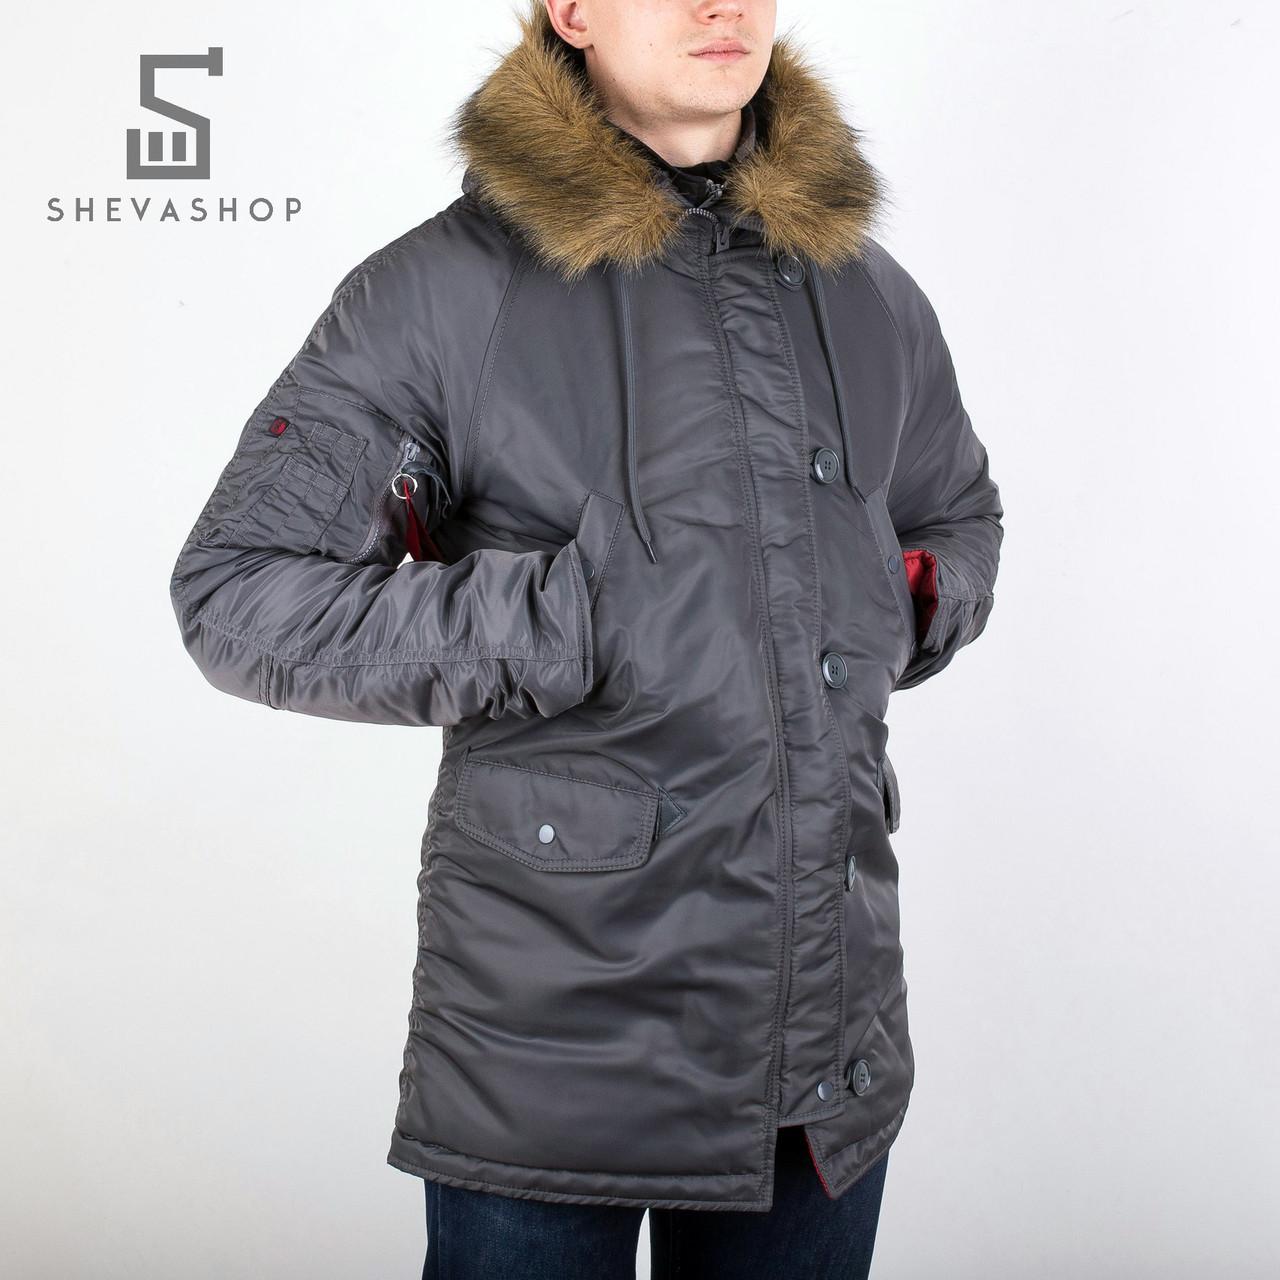 Зимняя мужская куртка Chameleon серая